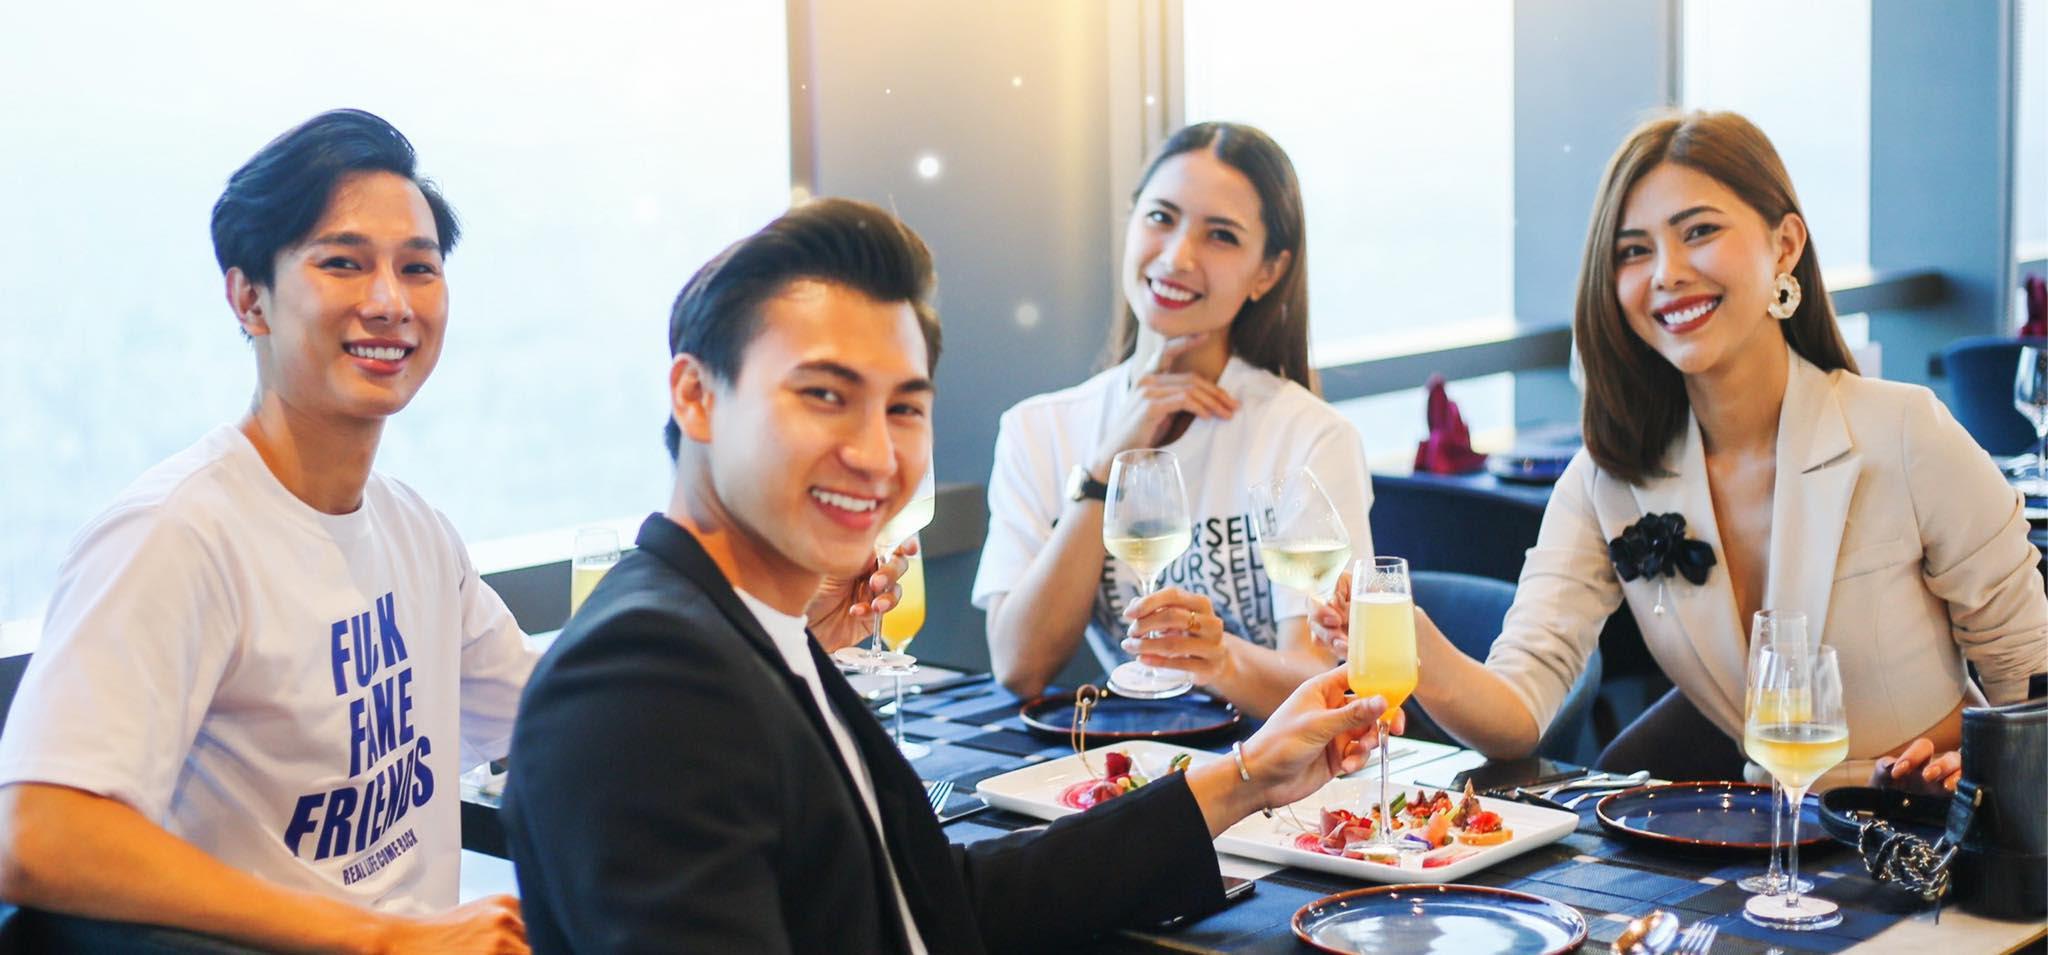 nhà hàng hẹn hò